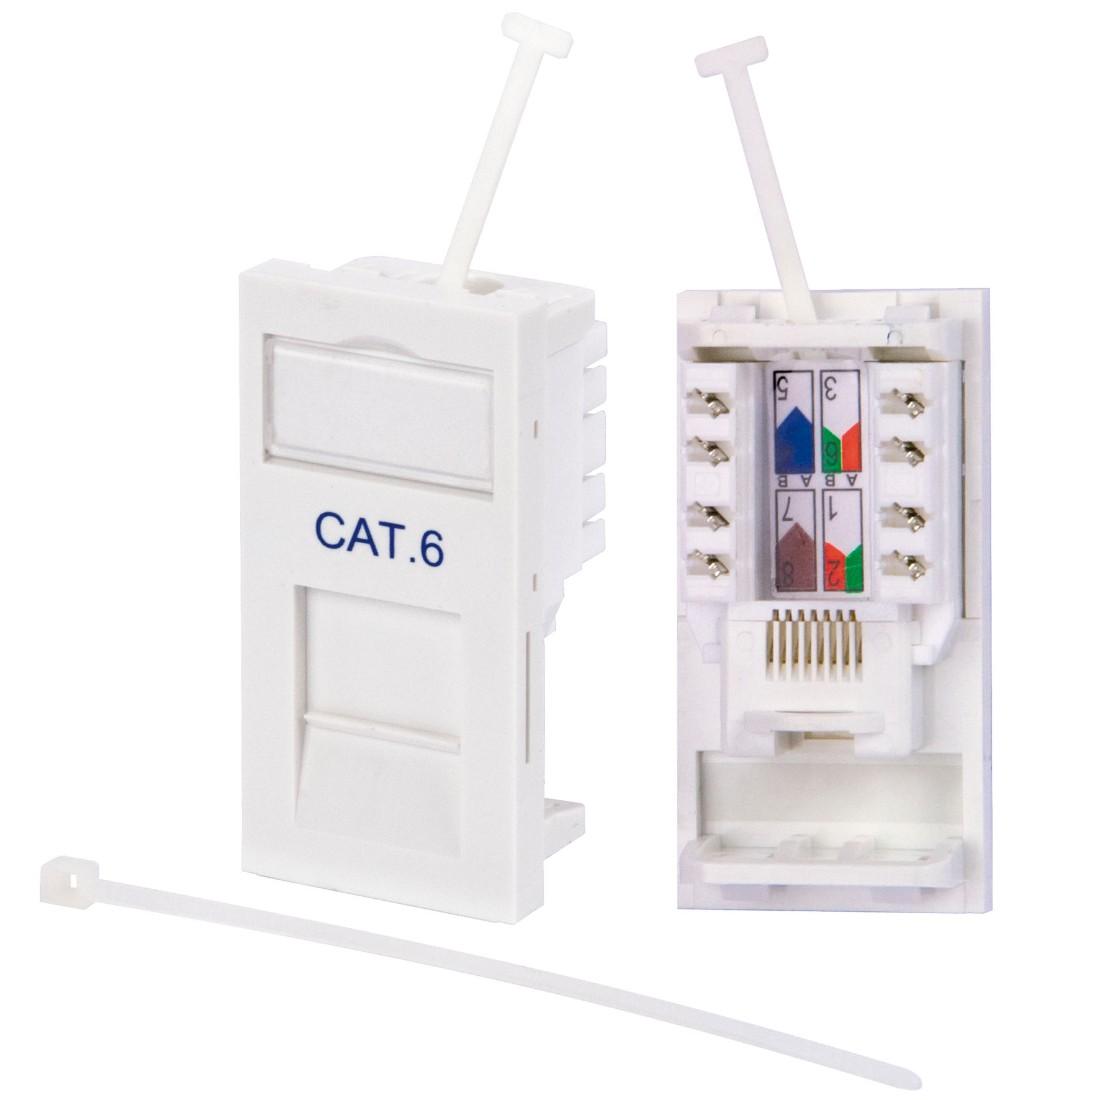 philex rj45 cat6 outlet module white philex. Black Bedroom Furniture Sets. Home Design Ideas